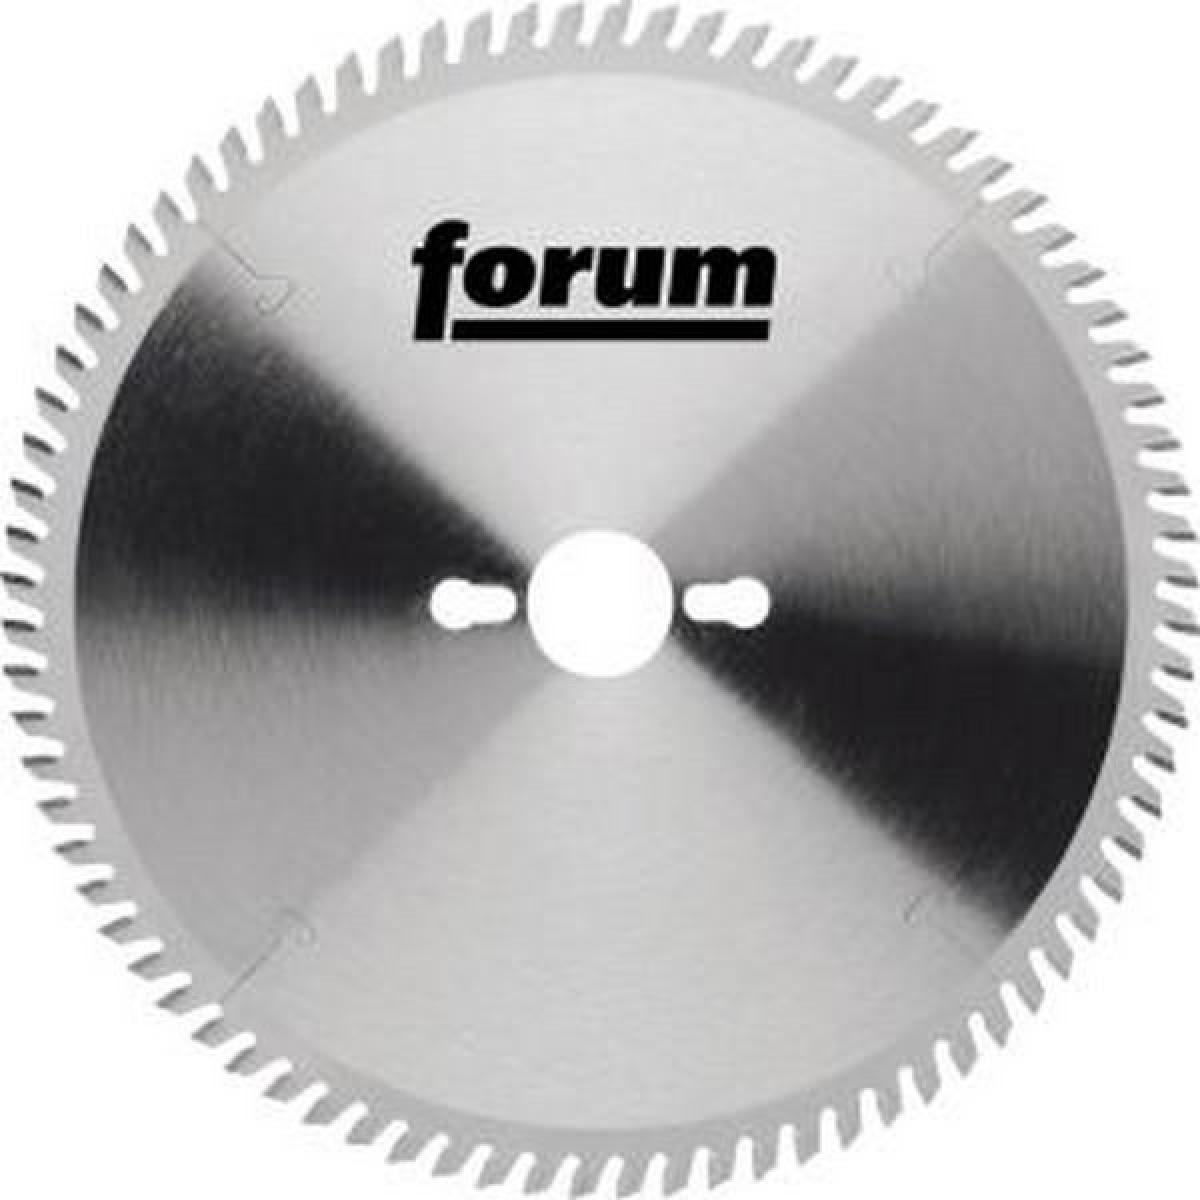 Forum Lame de scie circulaire, Ø : 350 mm, Larg. : 3,5 mm, Alésage 30 mm, Perçages secondaires : 2KNL*, Dents : 24